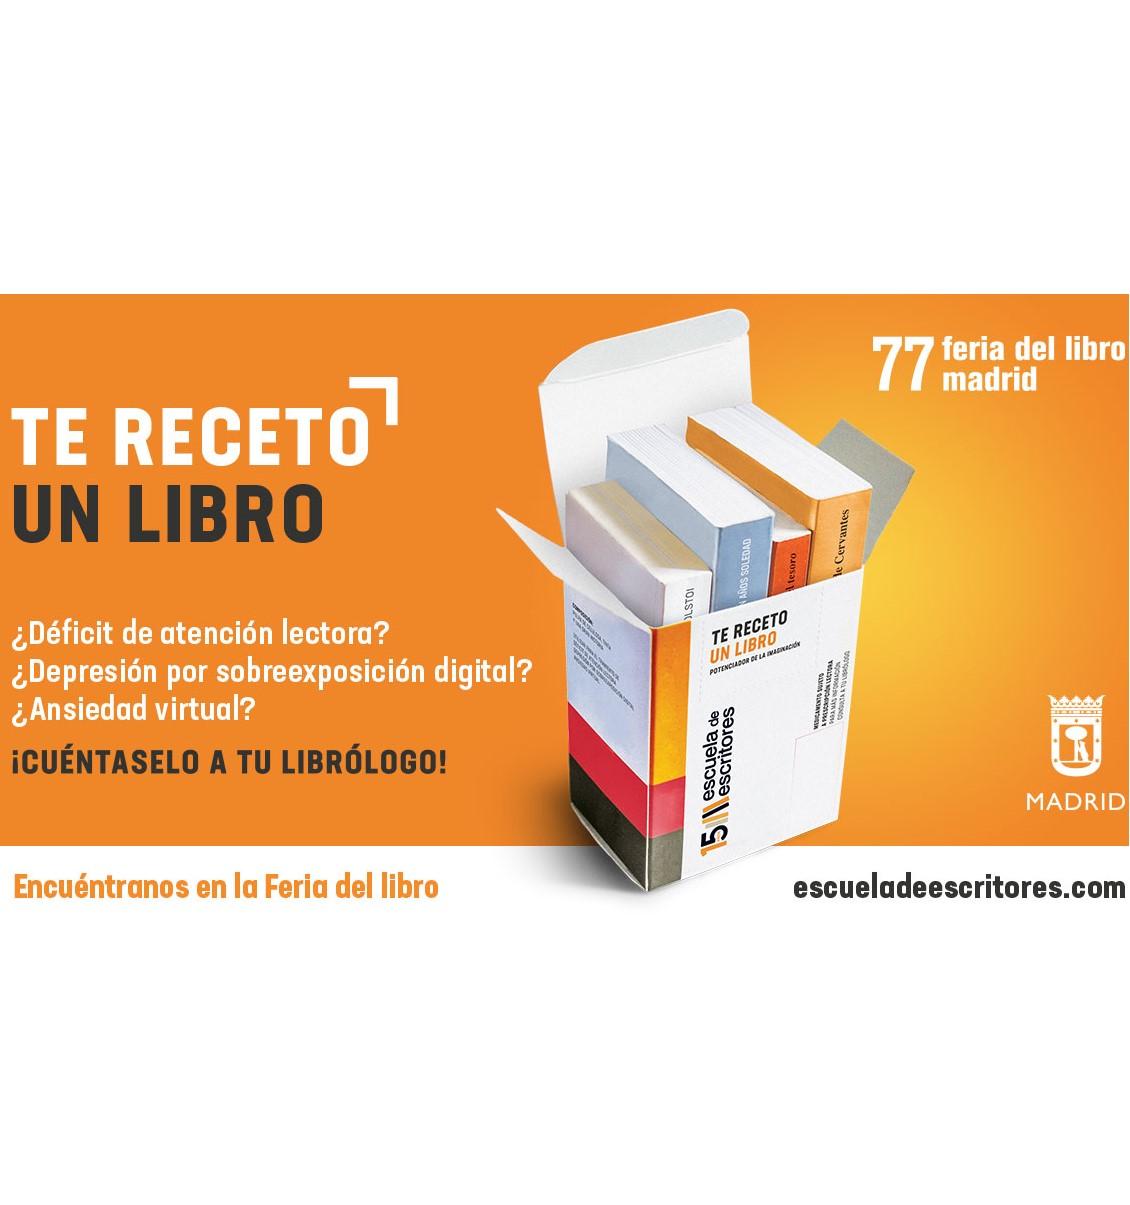 receto-libro-2018-1200x627